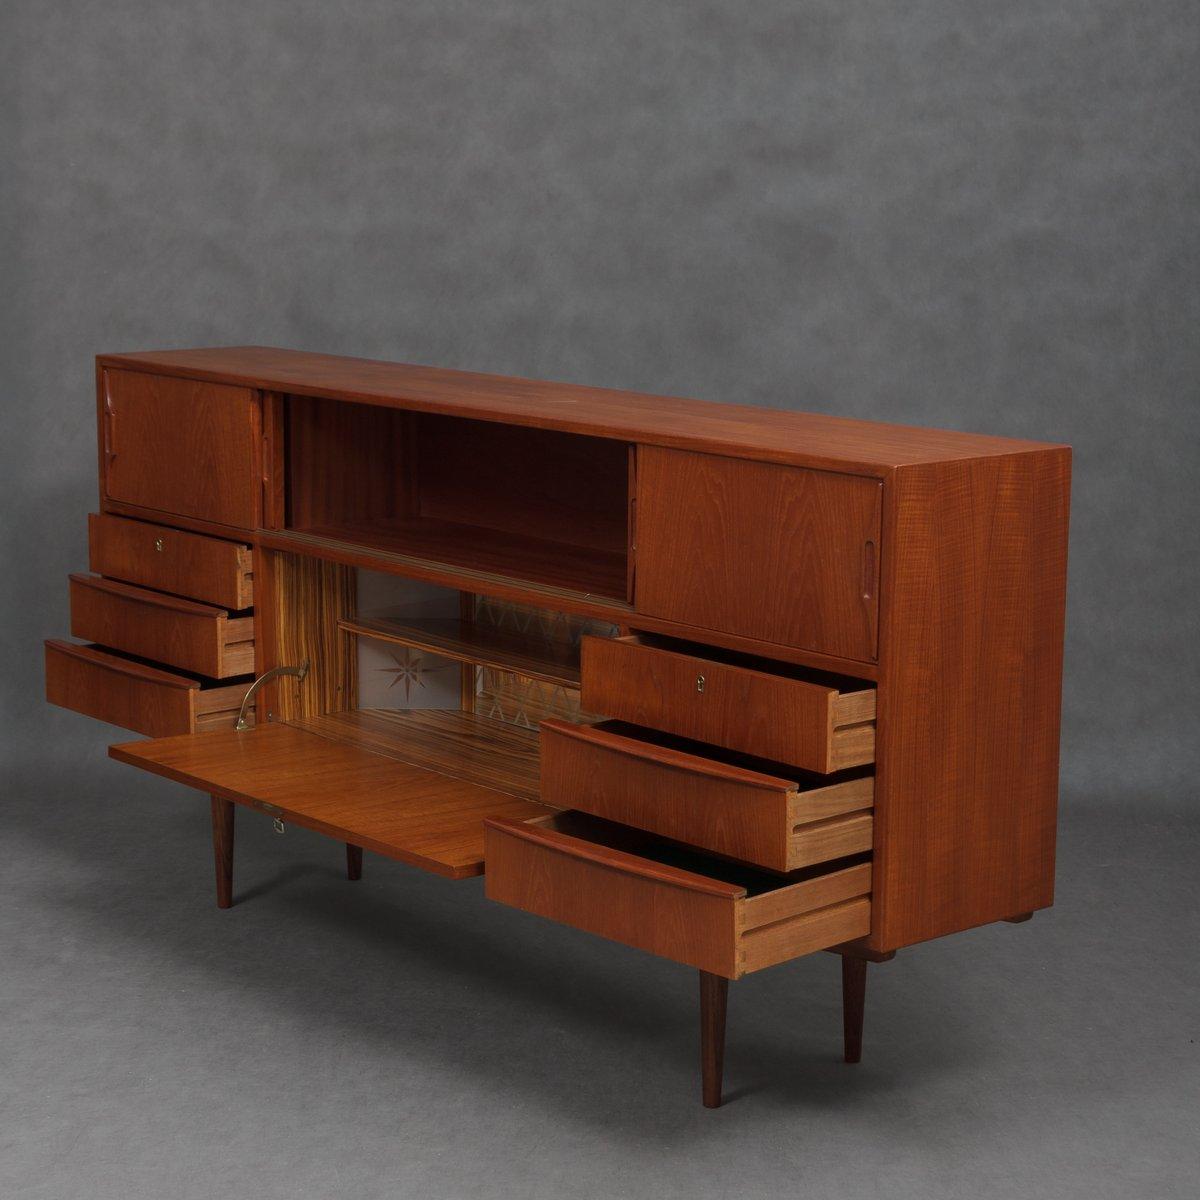 d nisches mid century sideboard mit beleuchtetem bar schrank 1960er bei pamono kaufen. Black Bedroom Furniture Sets. Home Design Ideas